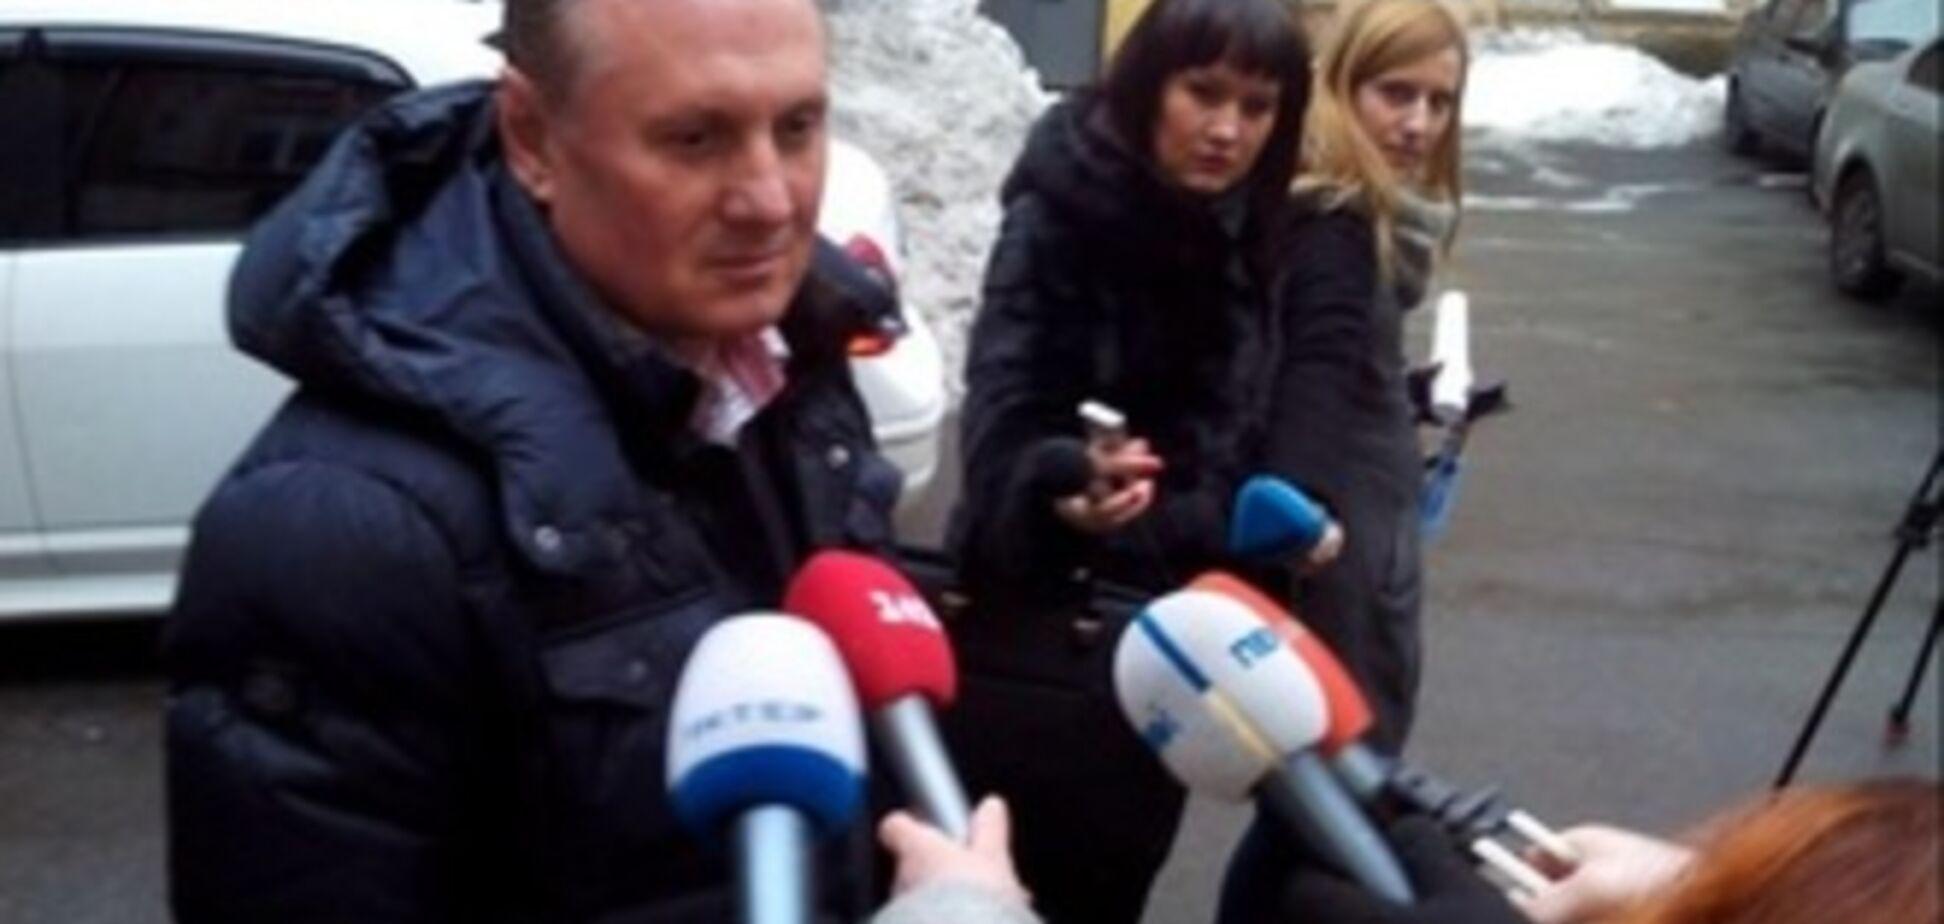 Ефремов утверждает, что следователям не удастся найти видео, где он призывает к сепаратизму